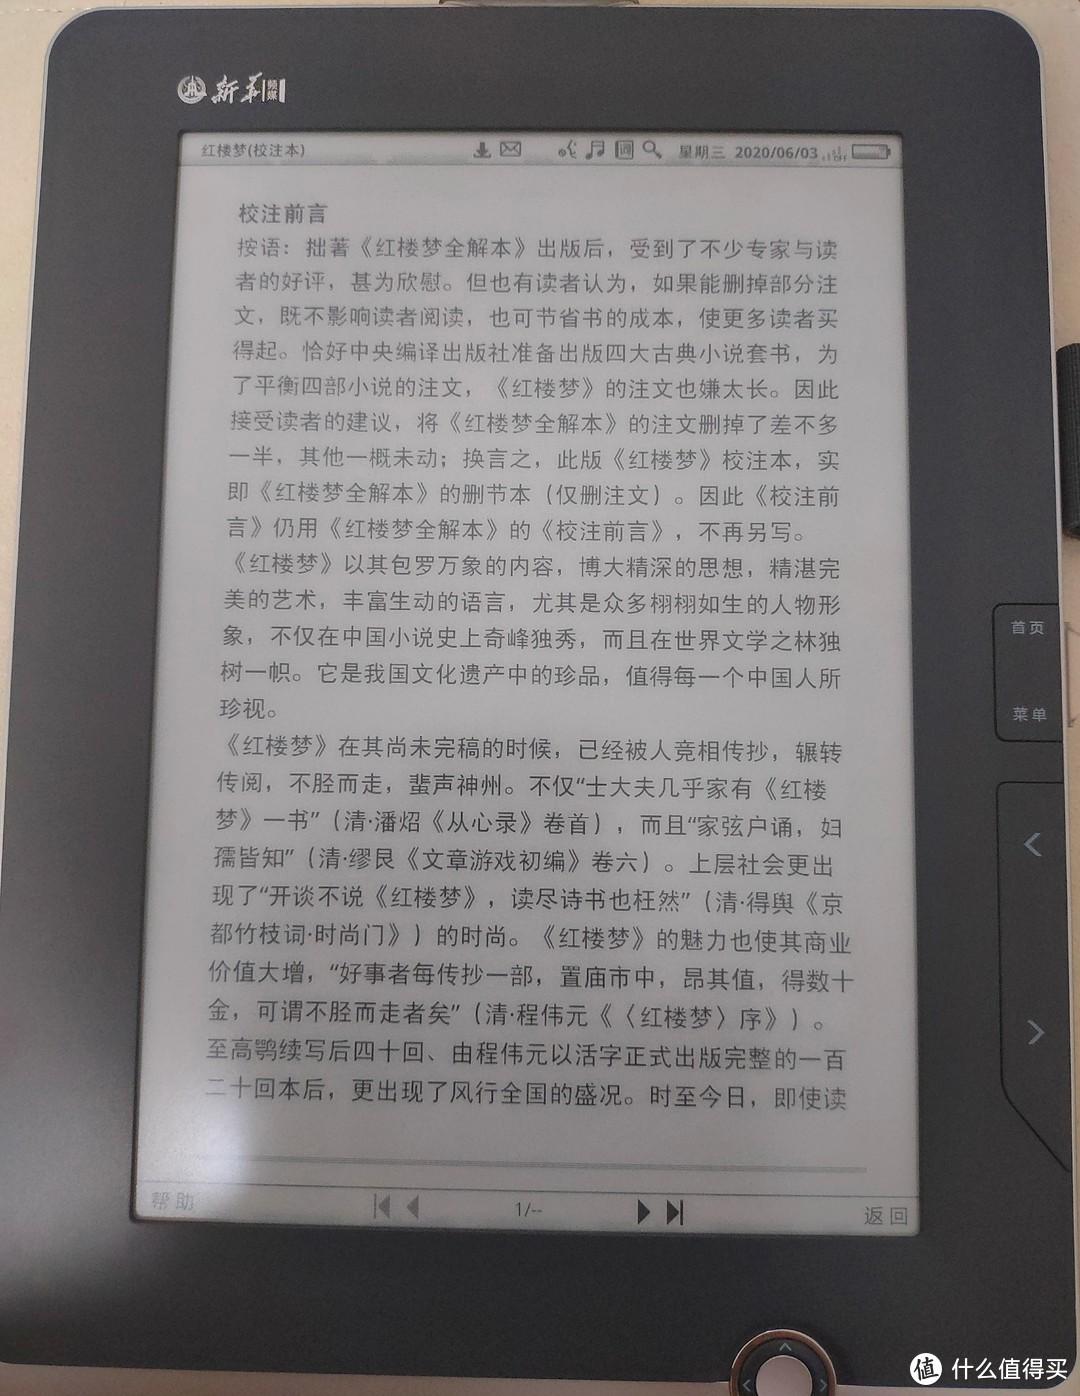 文字部分显示效果跟自带书籍一致。书籍页码还没读取完毕,够慢的。